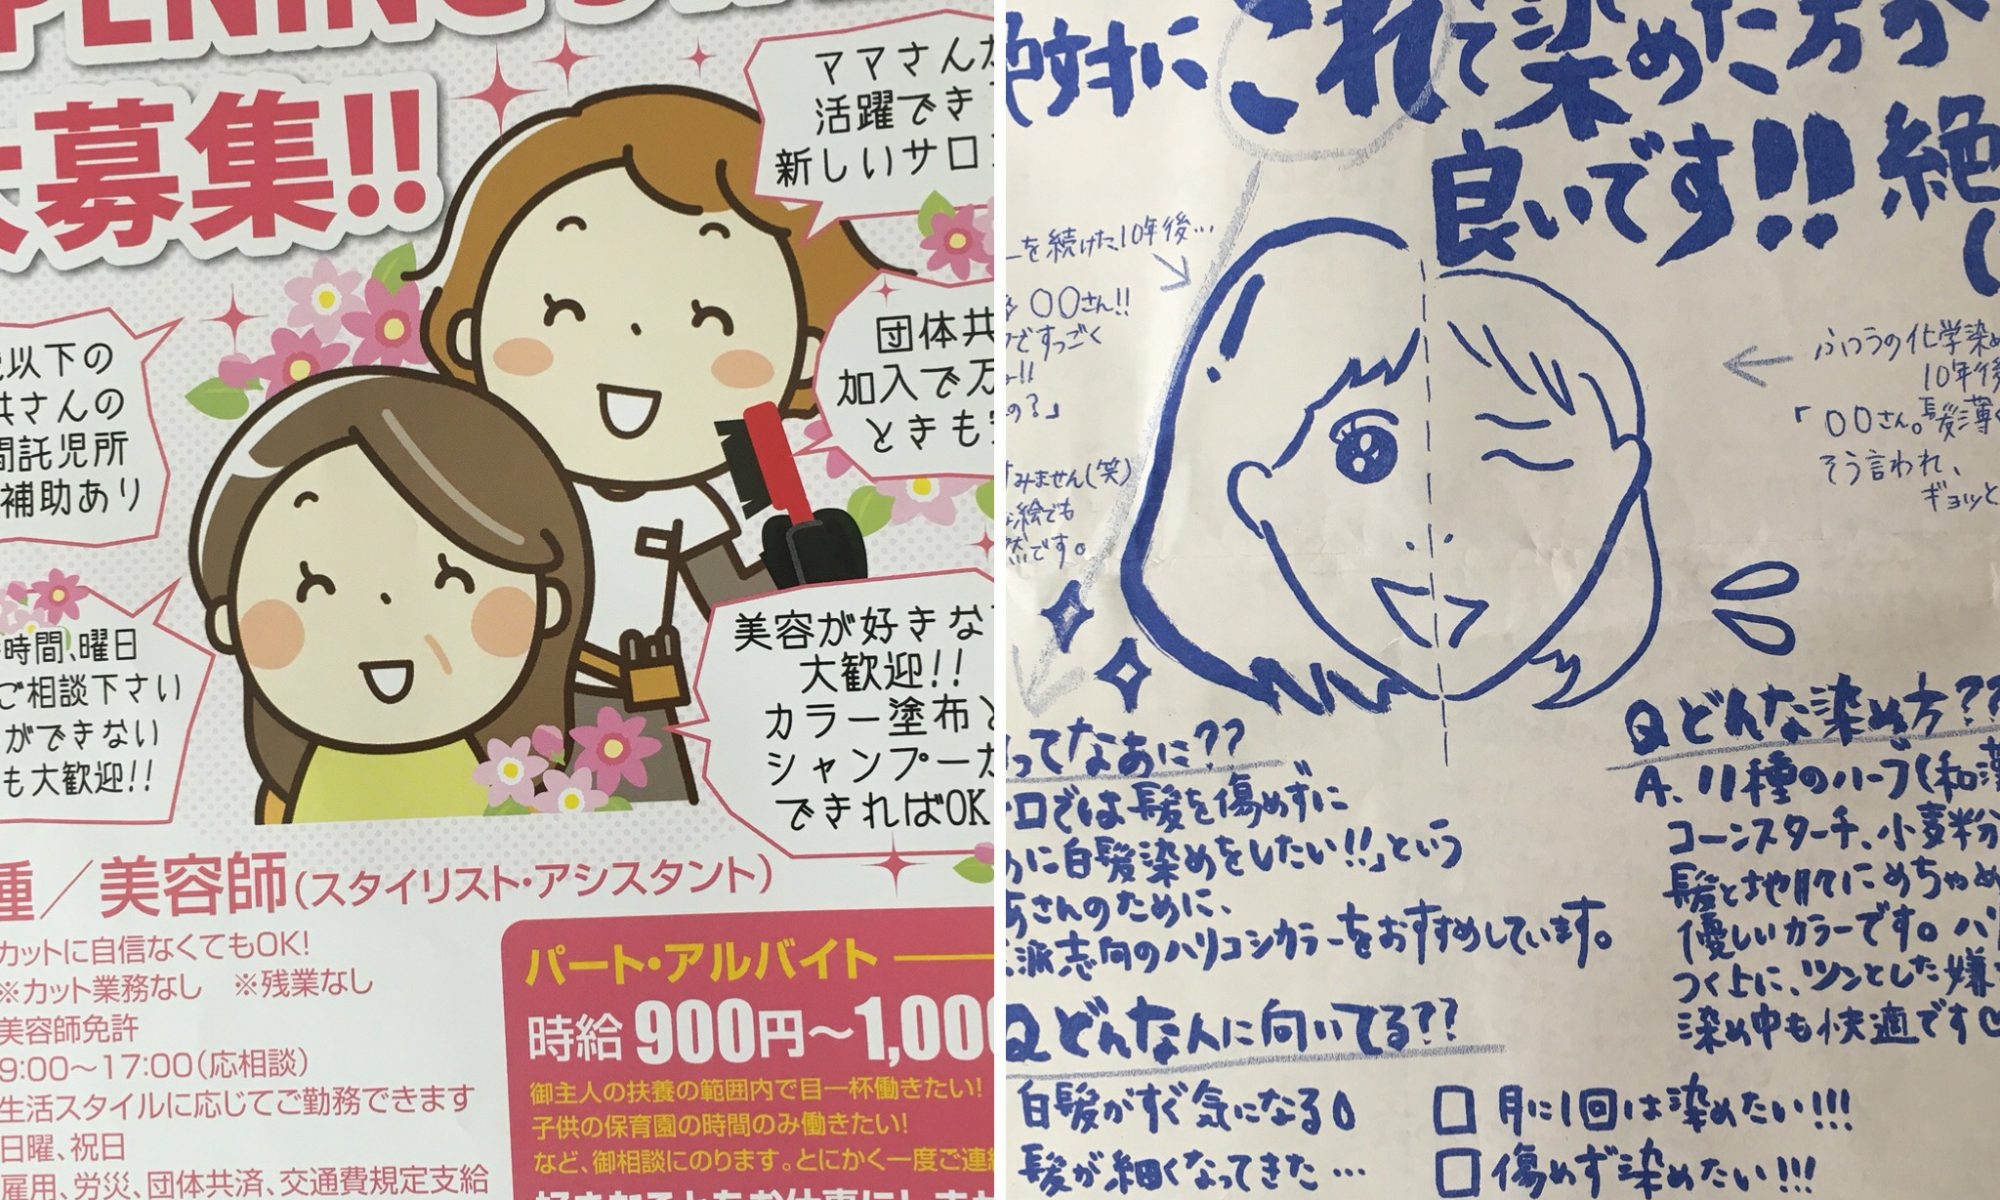 亀山市の新聞折込 カラー専門店のチラシ